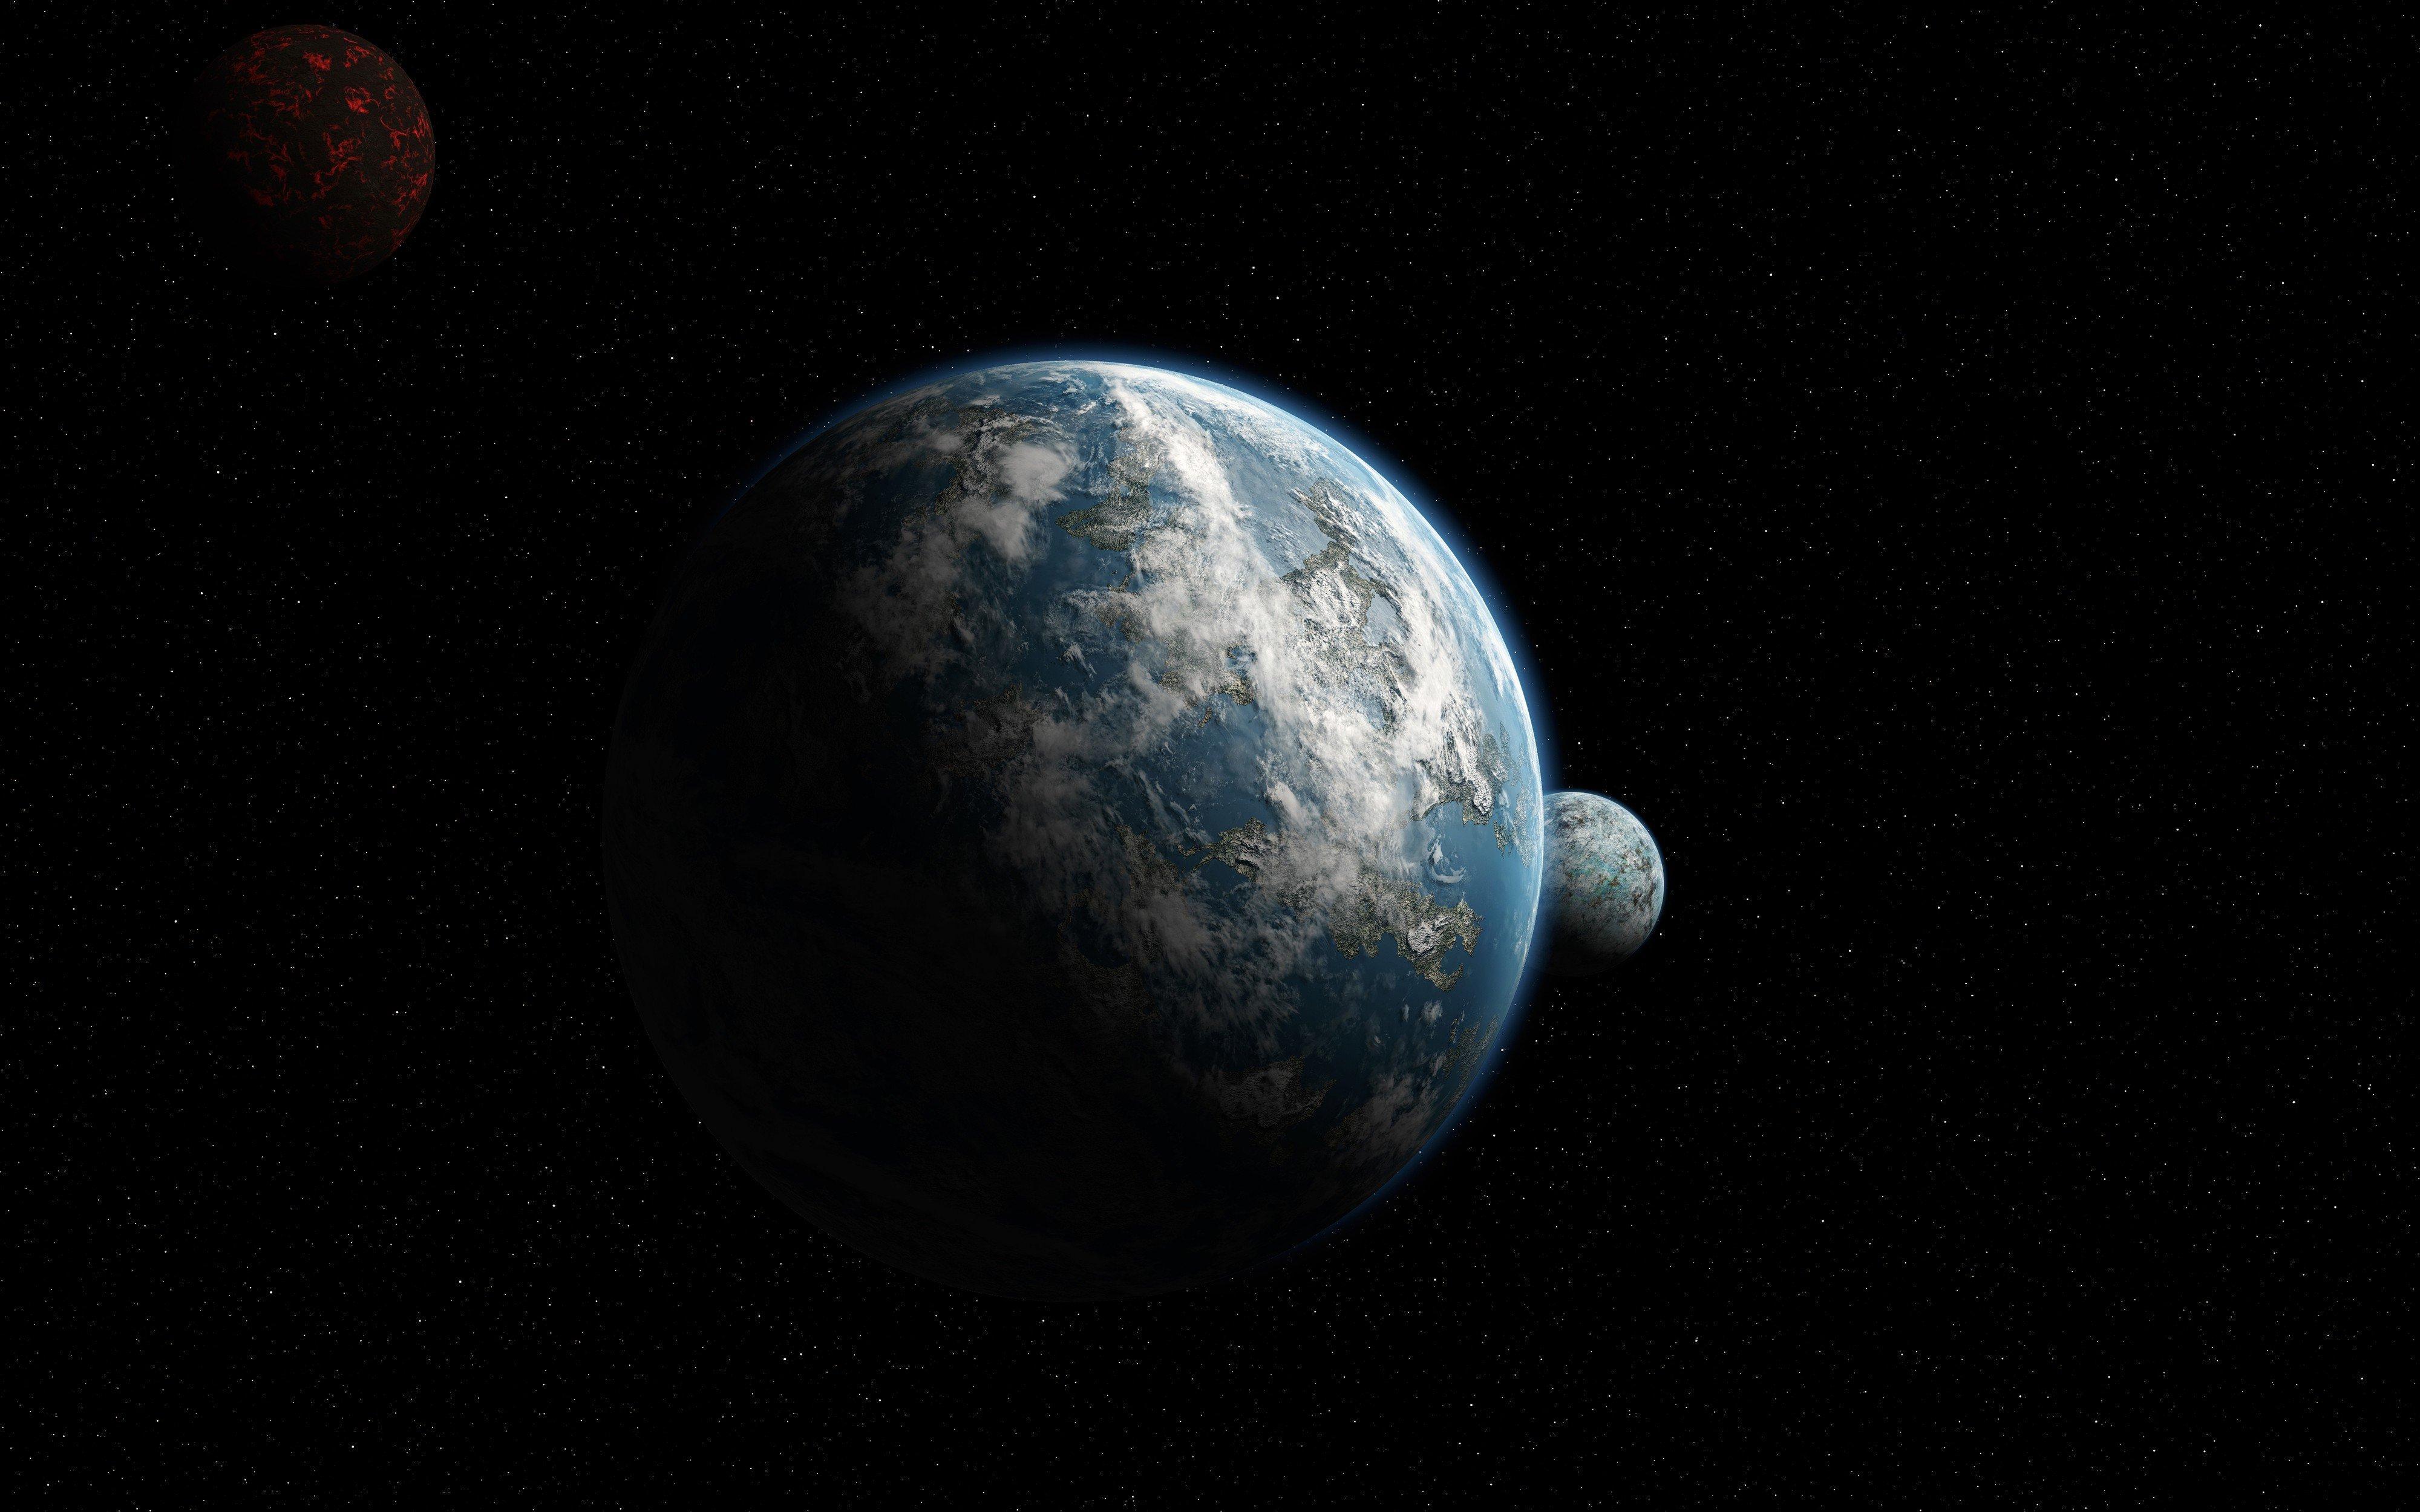 4000x2500 Px Galaxy Mac Planet Scientific Space Stars Ultrahd Wallpaper